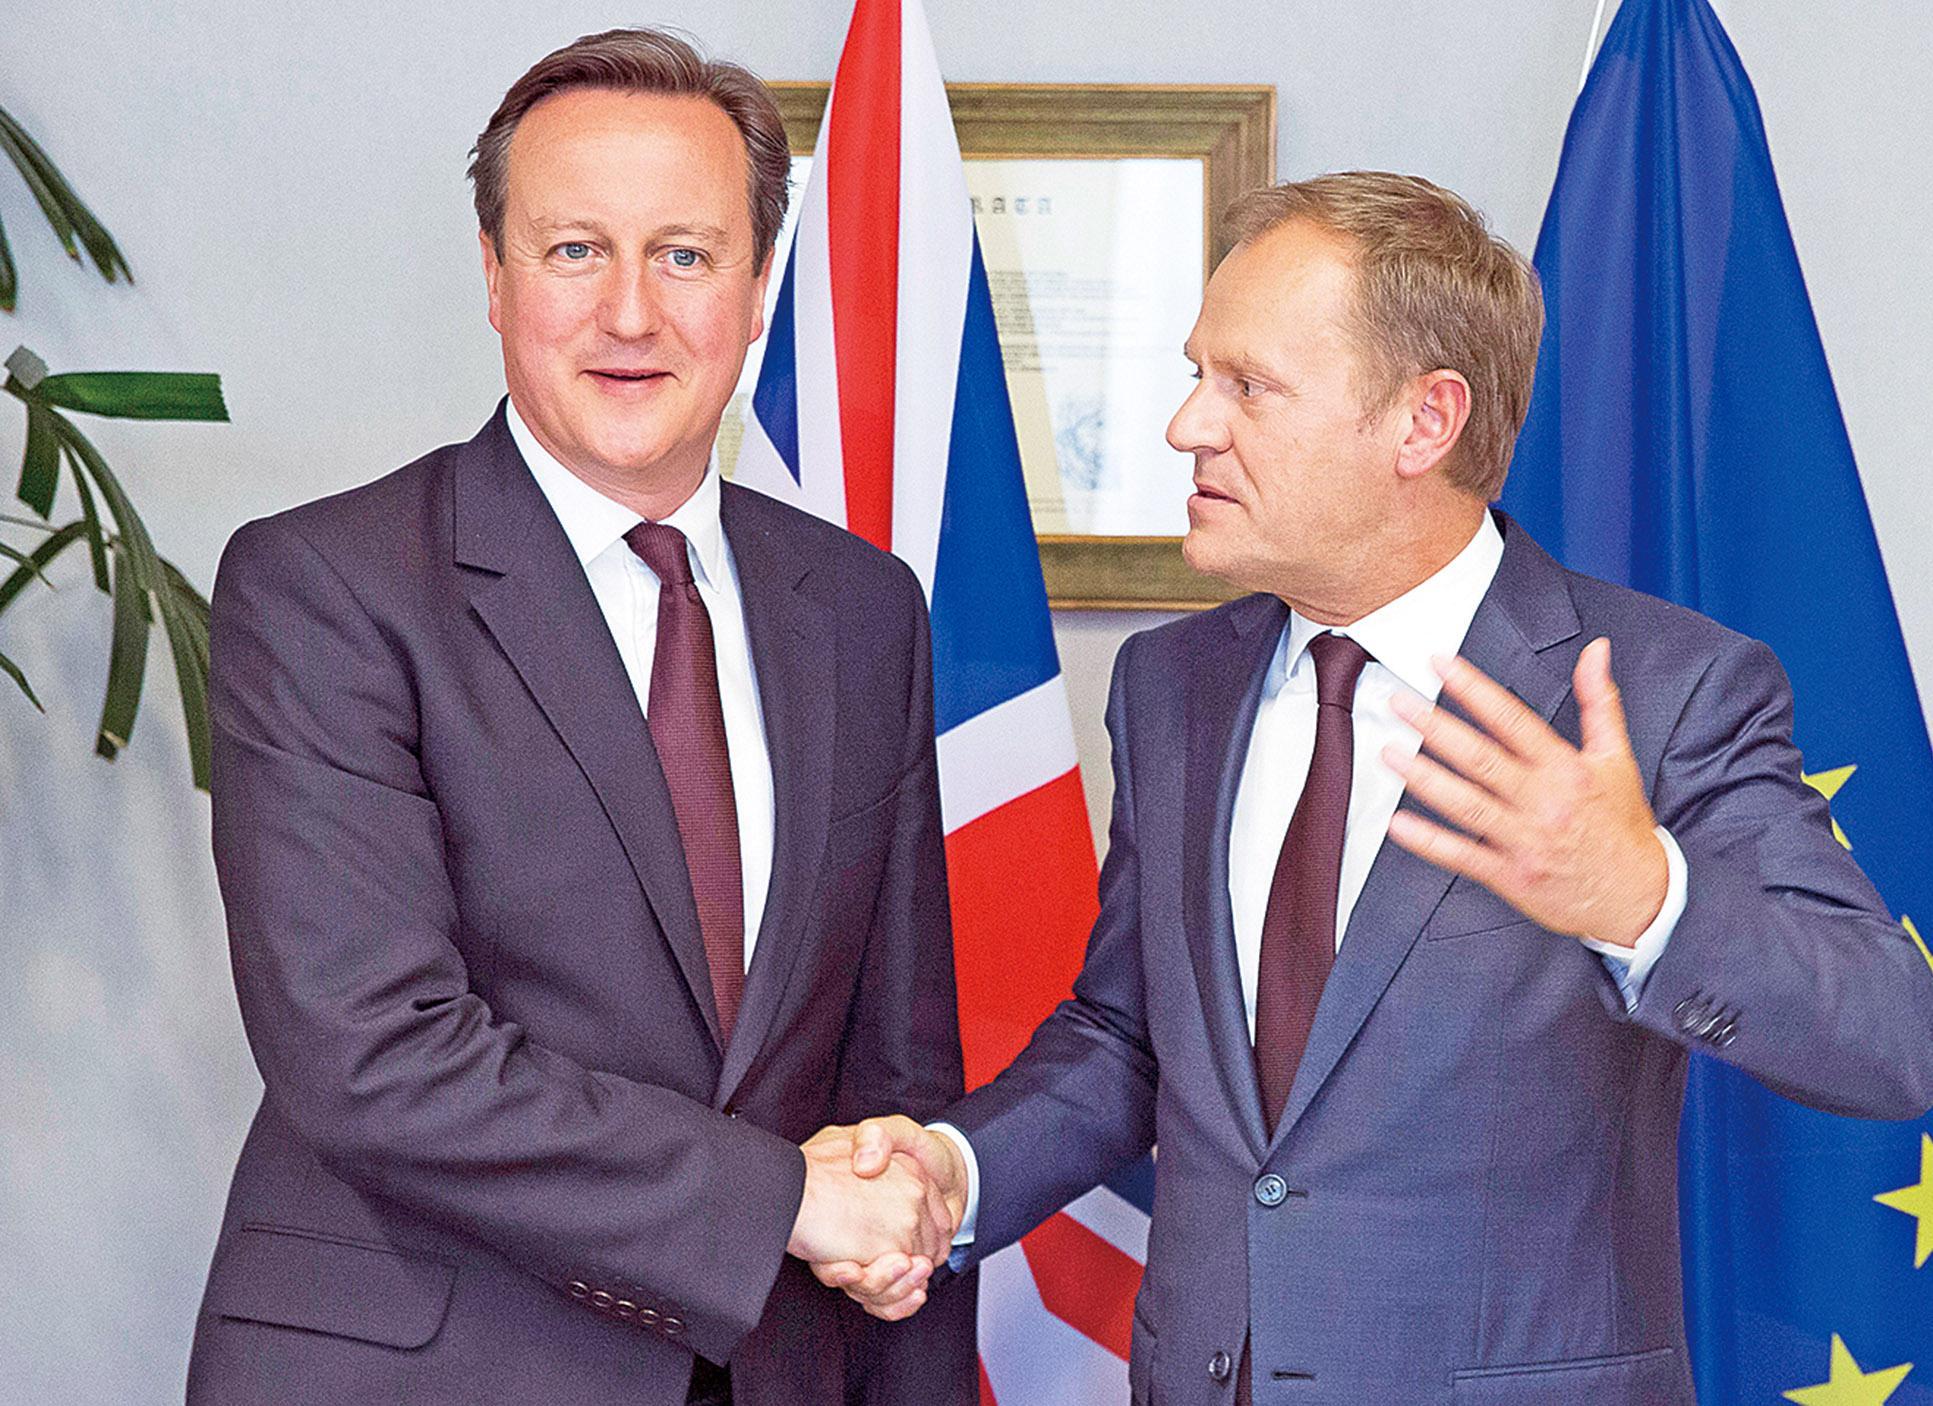 歐盟願讓步推改革